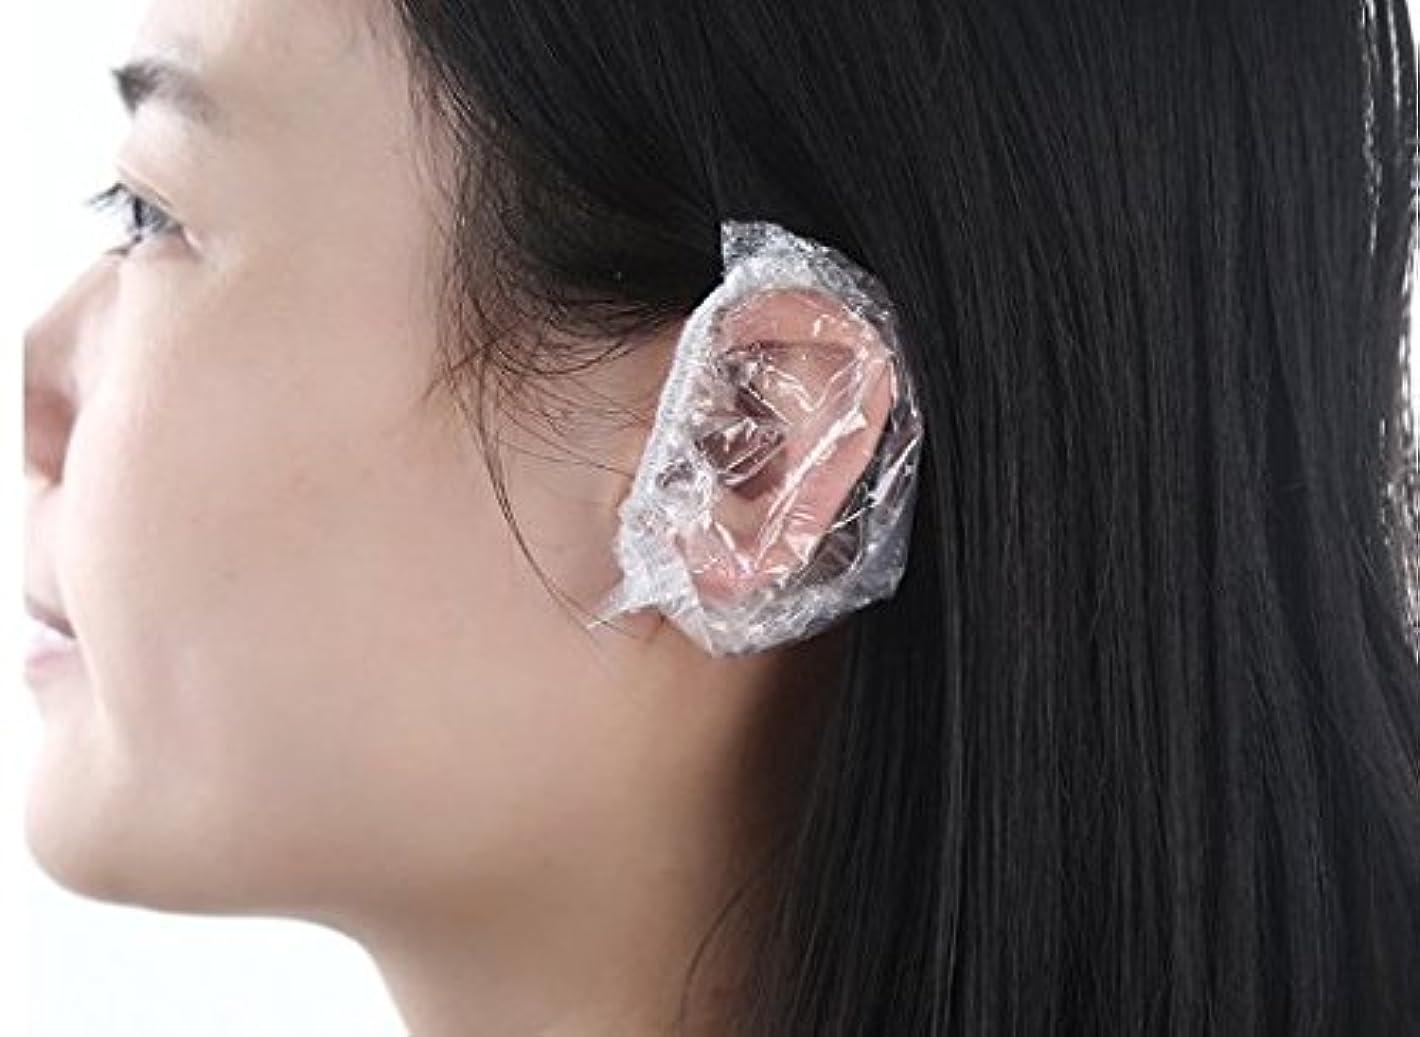 ラブ退化する保存(all lead )毛染め用 シャワーキャップ 髪染め 耳キャップ 耳カバー イヤーキャップ 使い捨て(100枚)